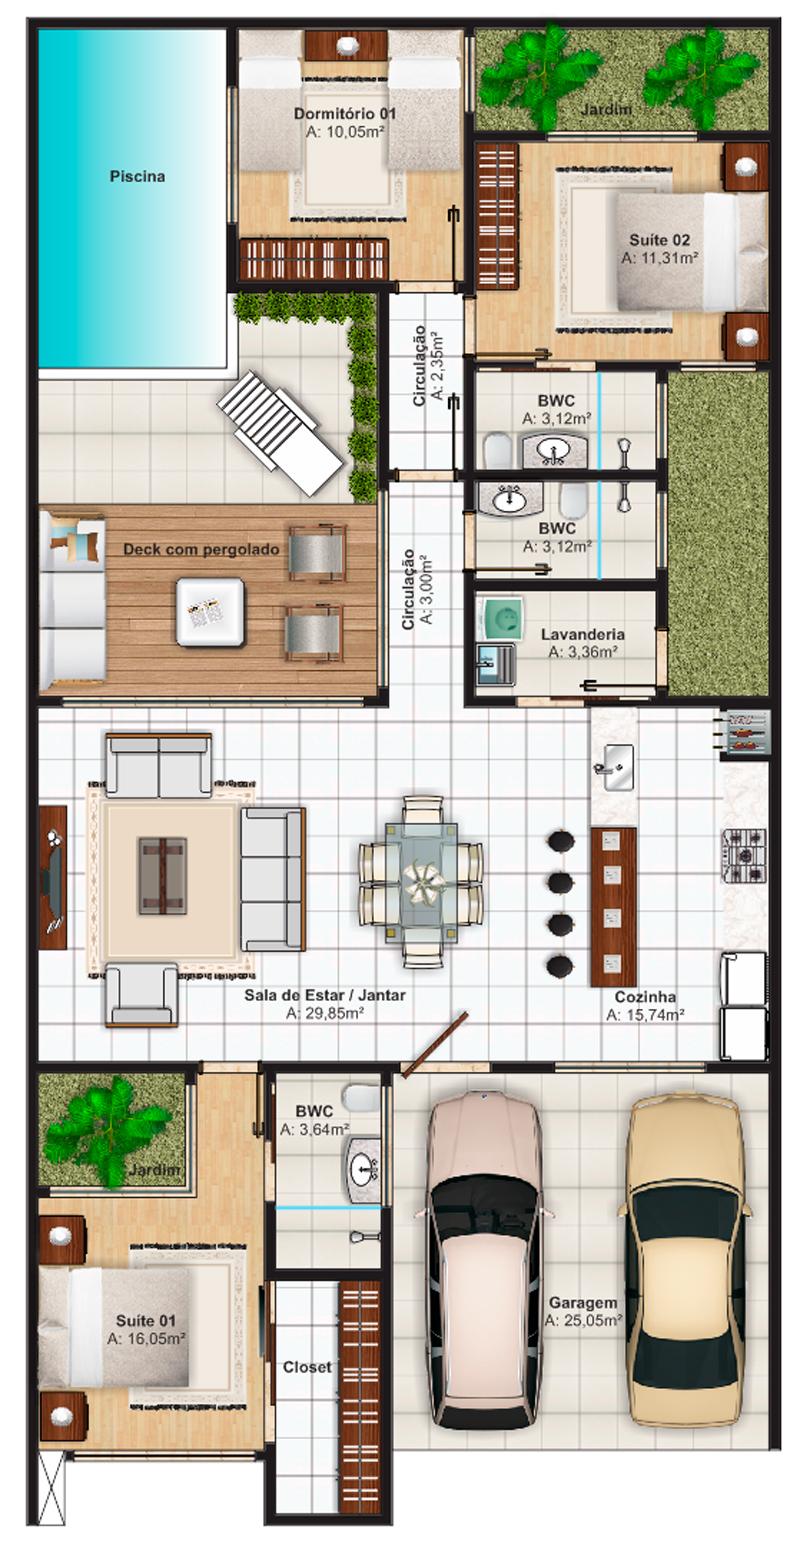 Projetos de Casas, Plantas de Casas | Barbara Borges